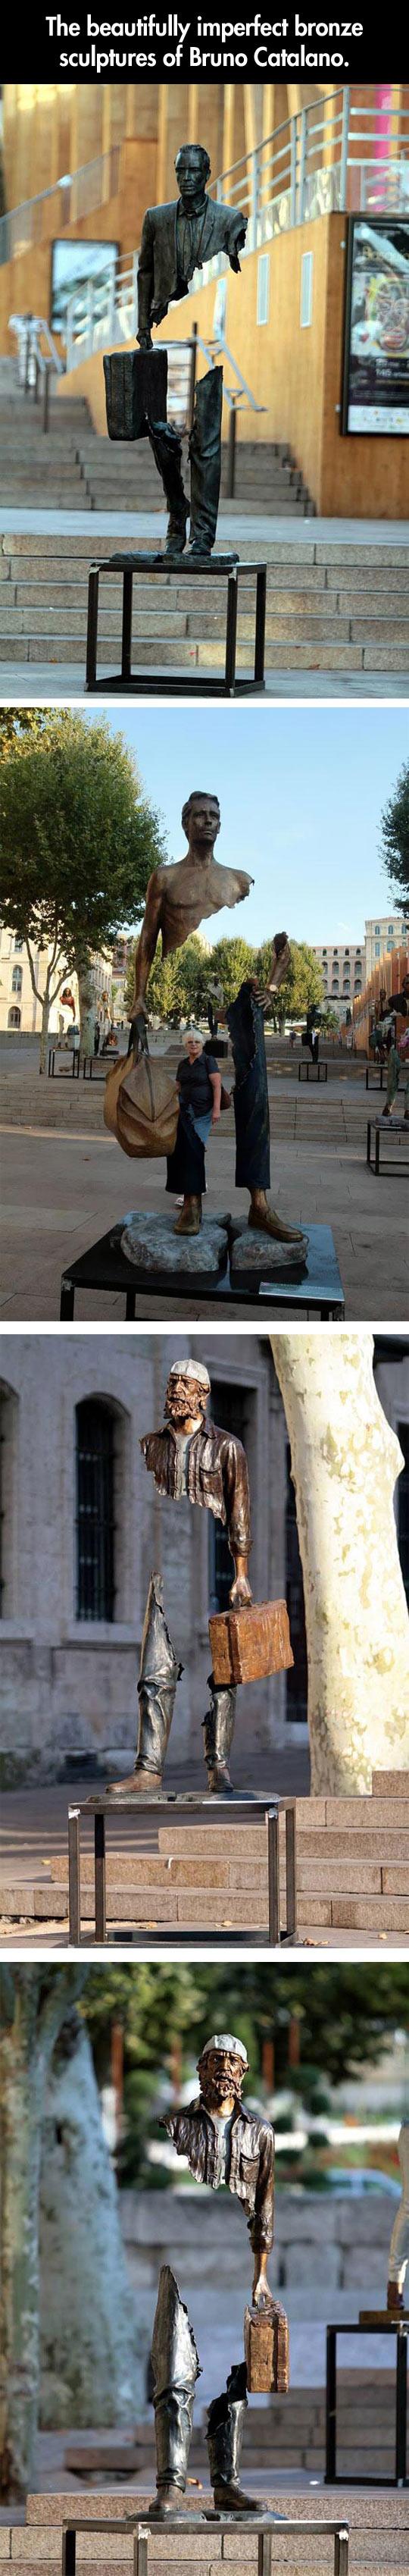 cool-sculpture-bronze-street-art-man